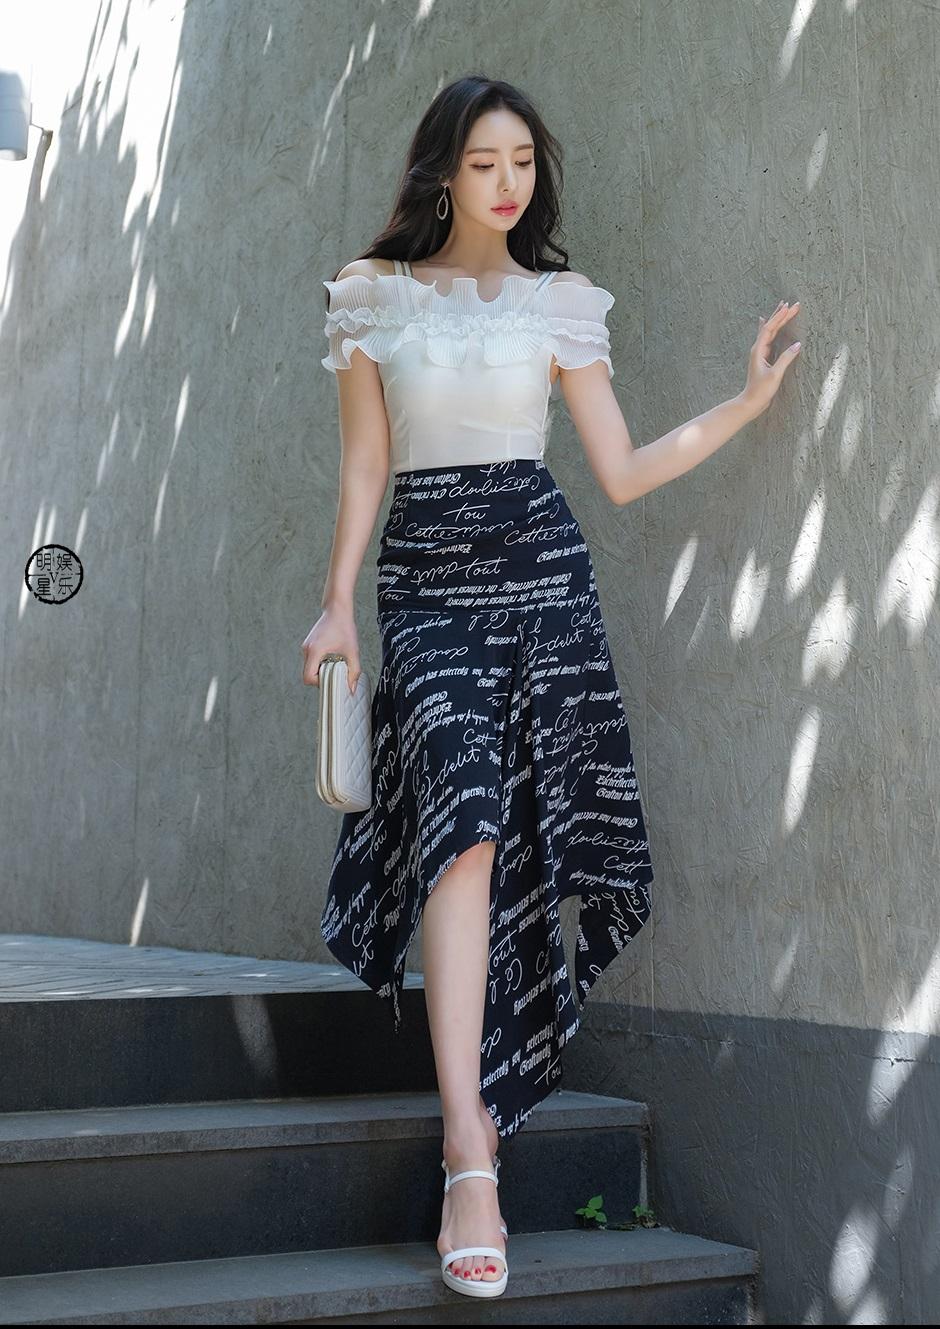 优雅长裙,大长腿最美